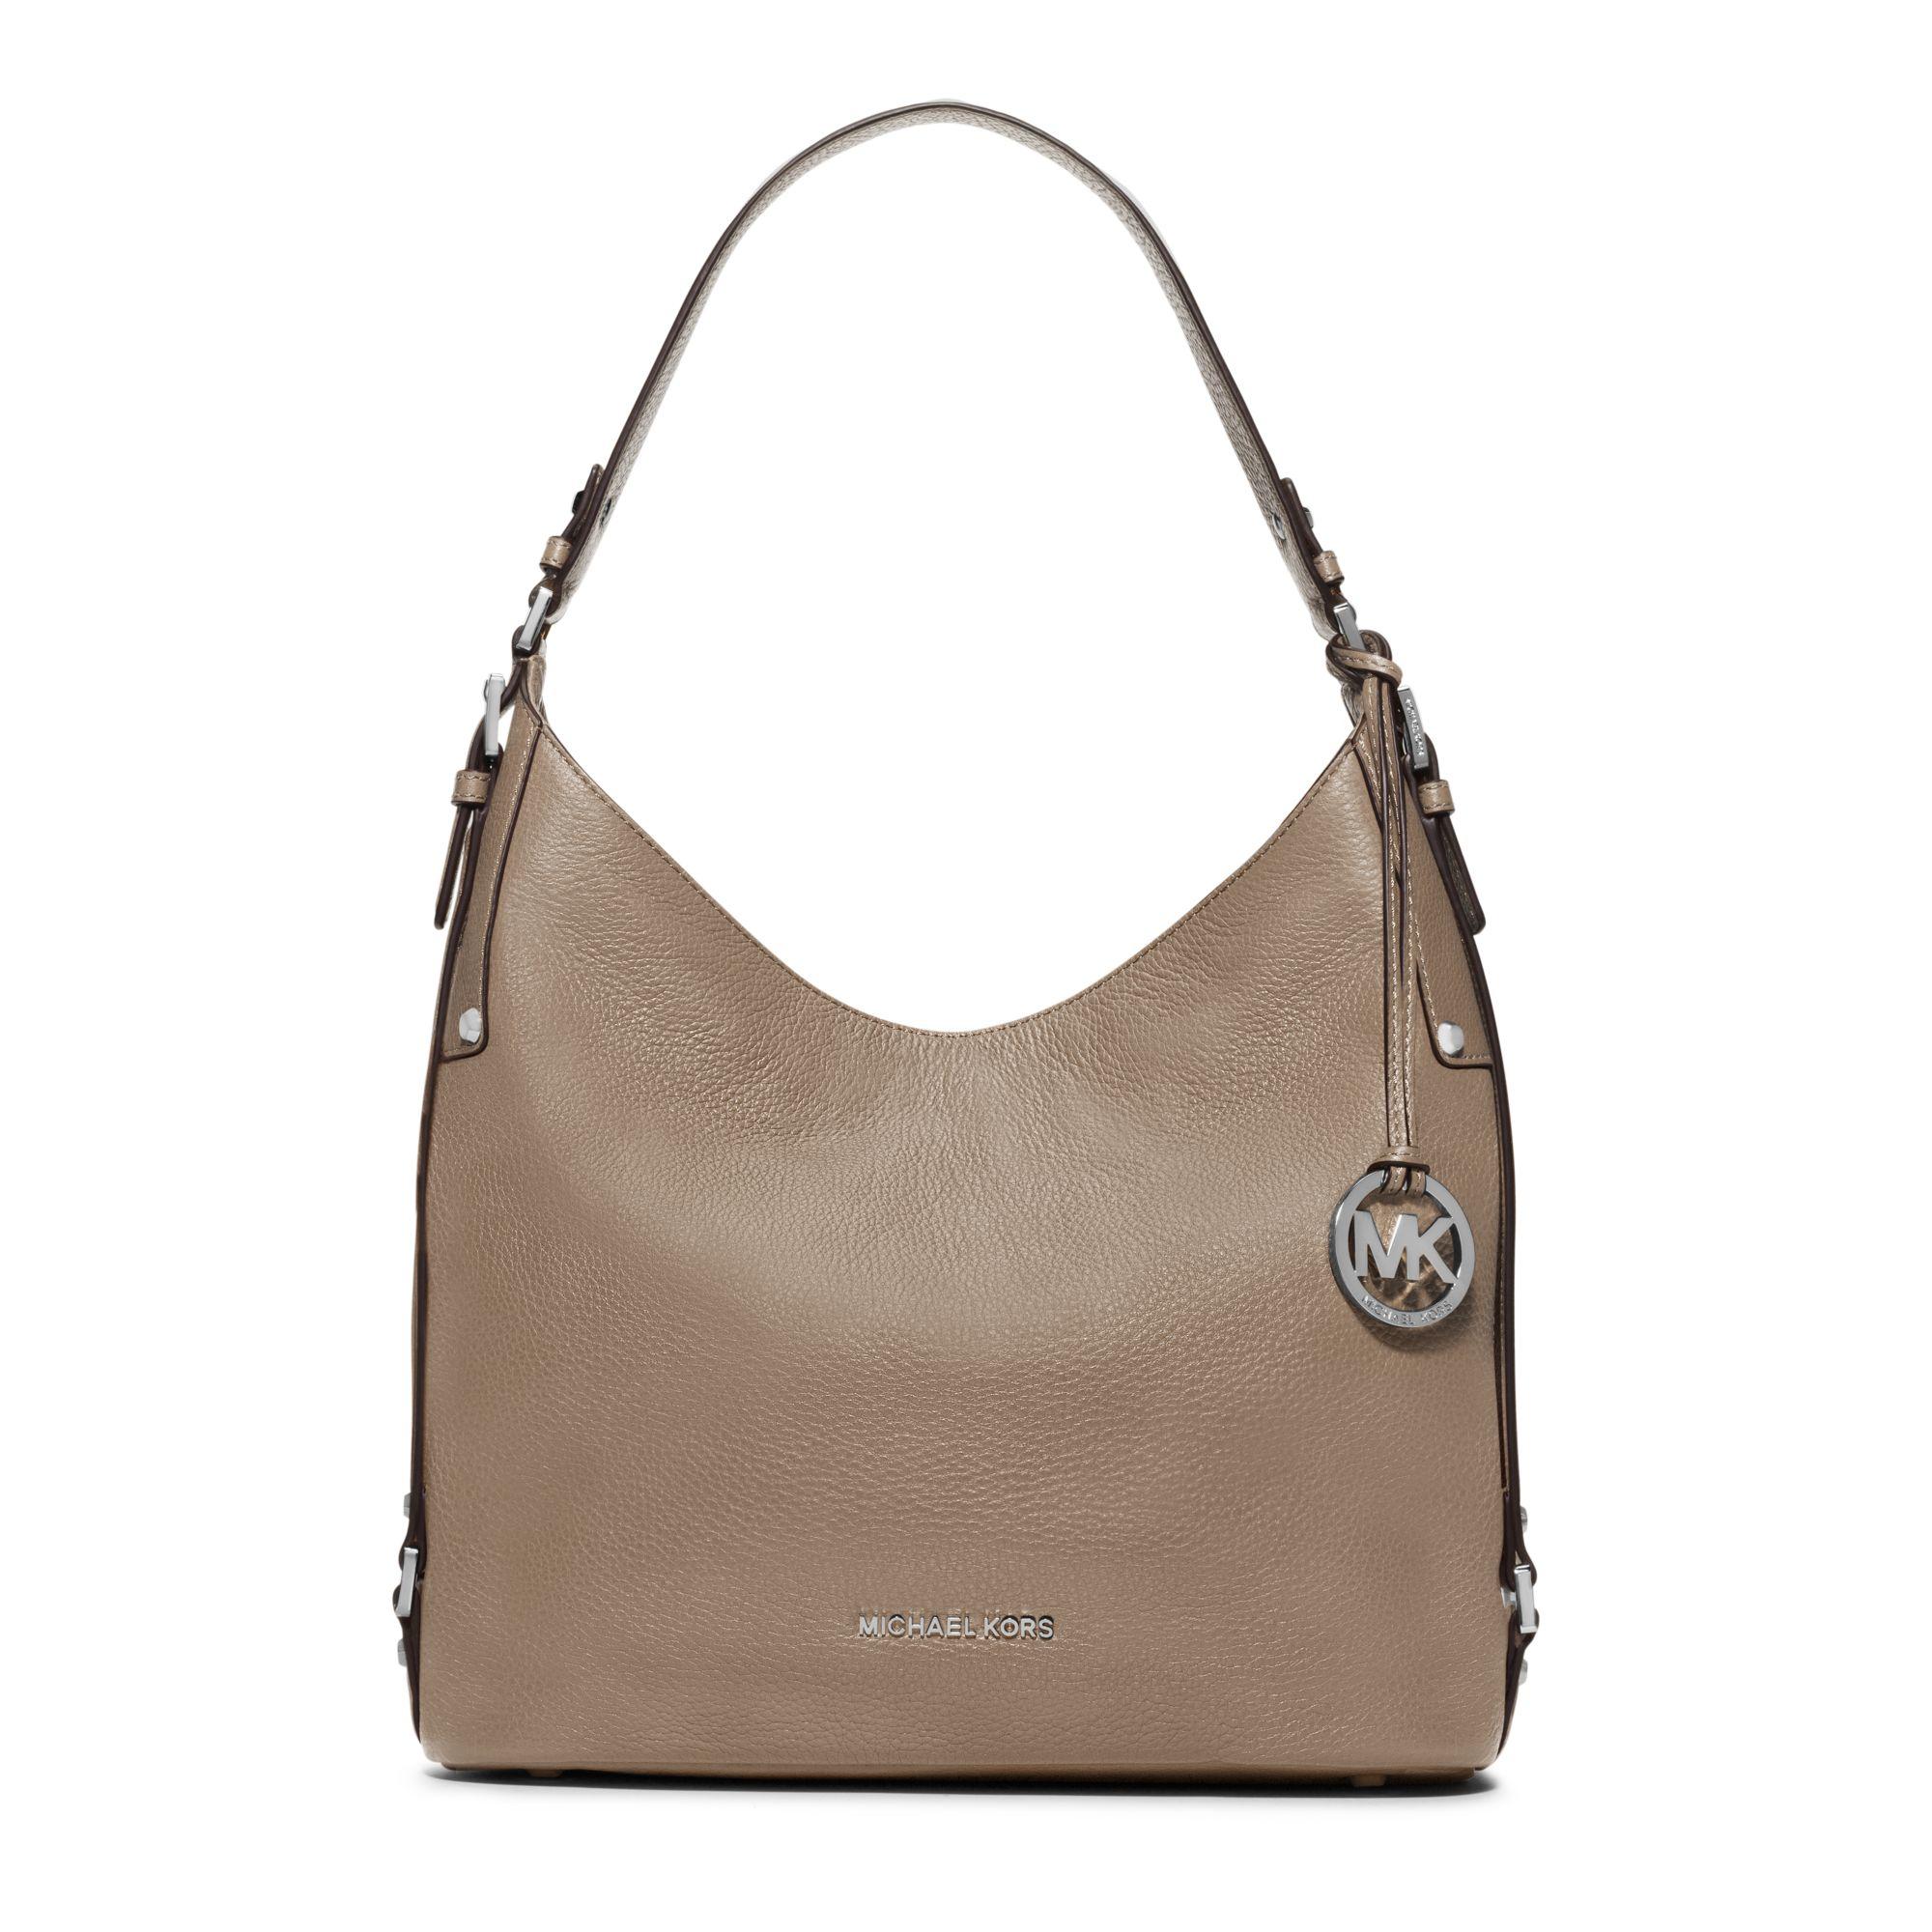 Michael kors Bedford Large Leather Shoulder Bag in Brown   Lyst